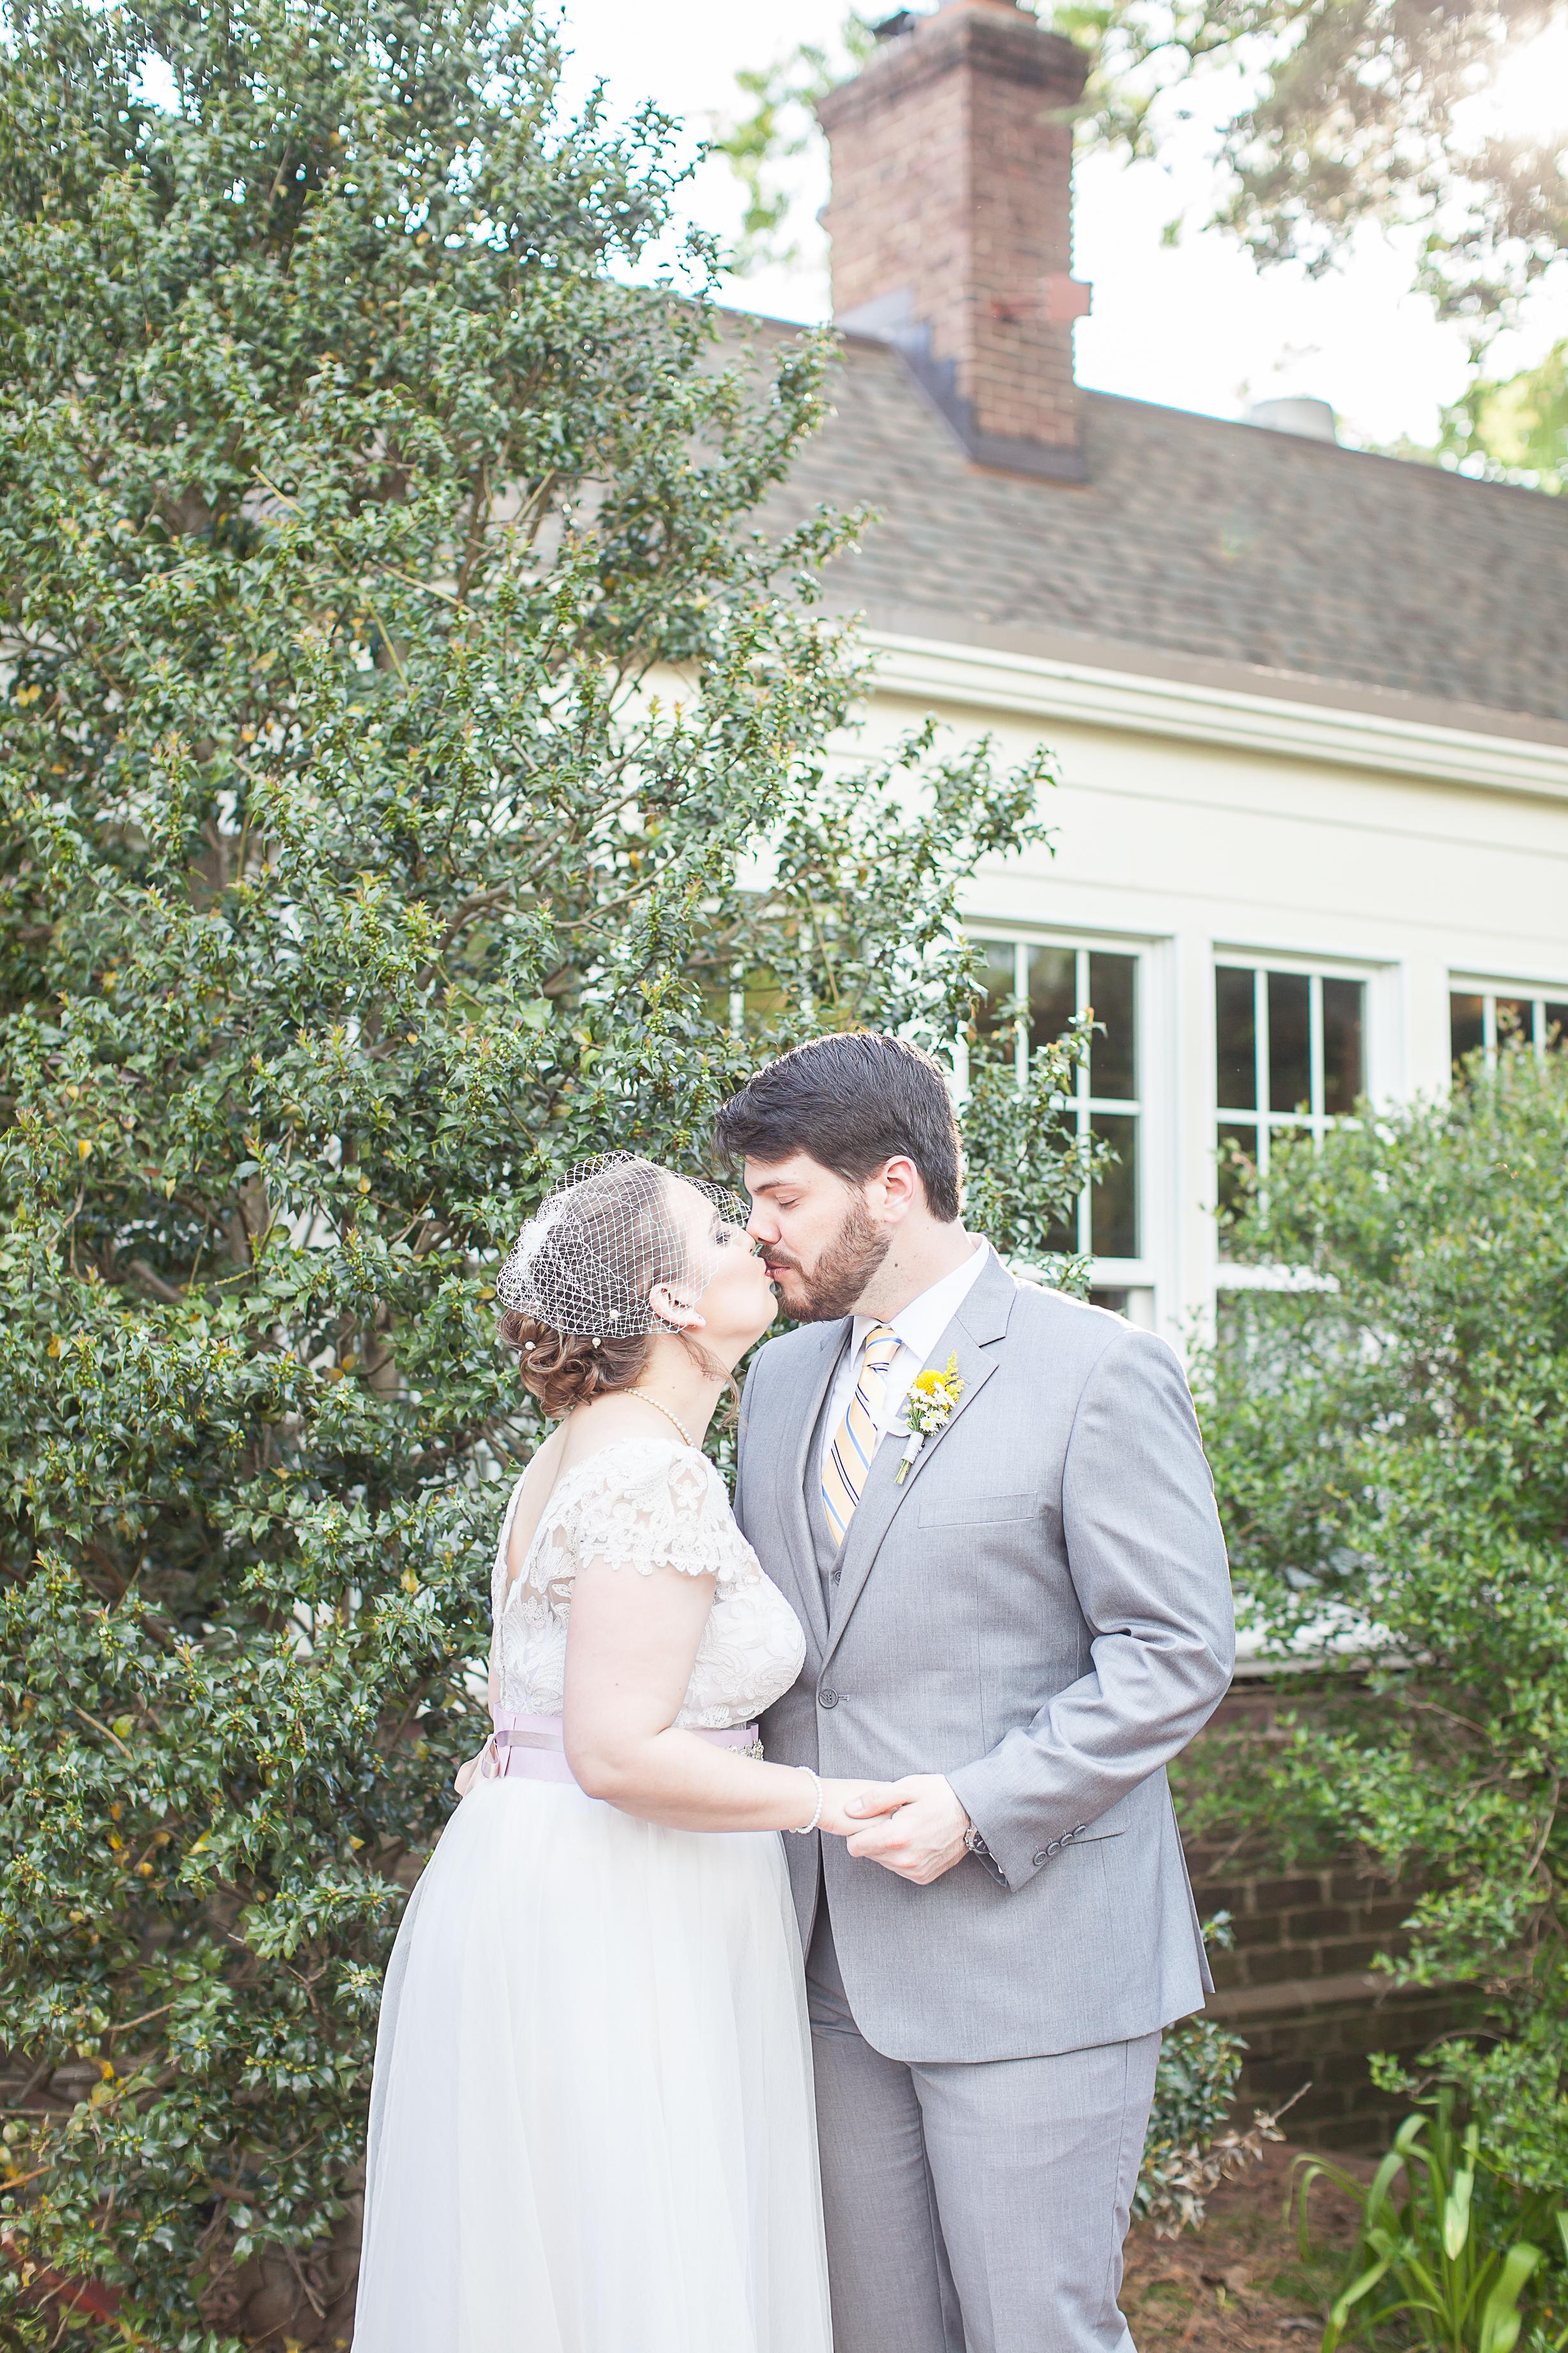 K-S-Wedding-Kim-Pham-Clark-Photography-165.jpg